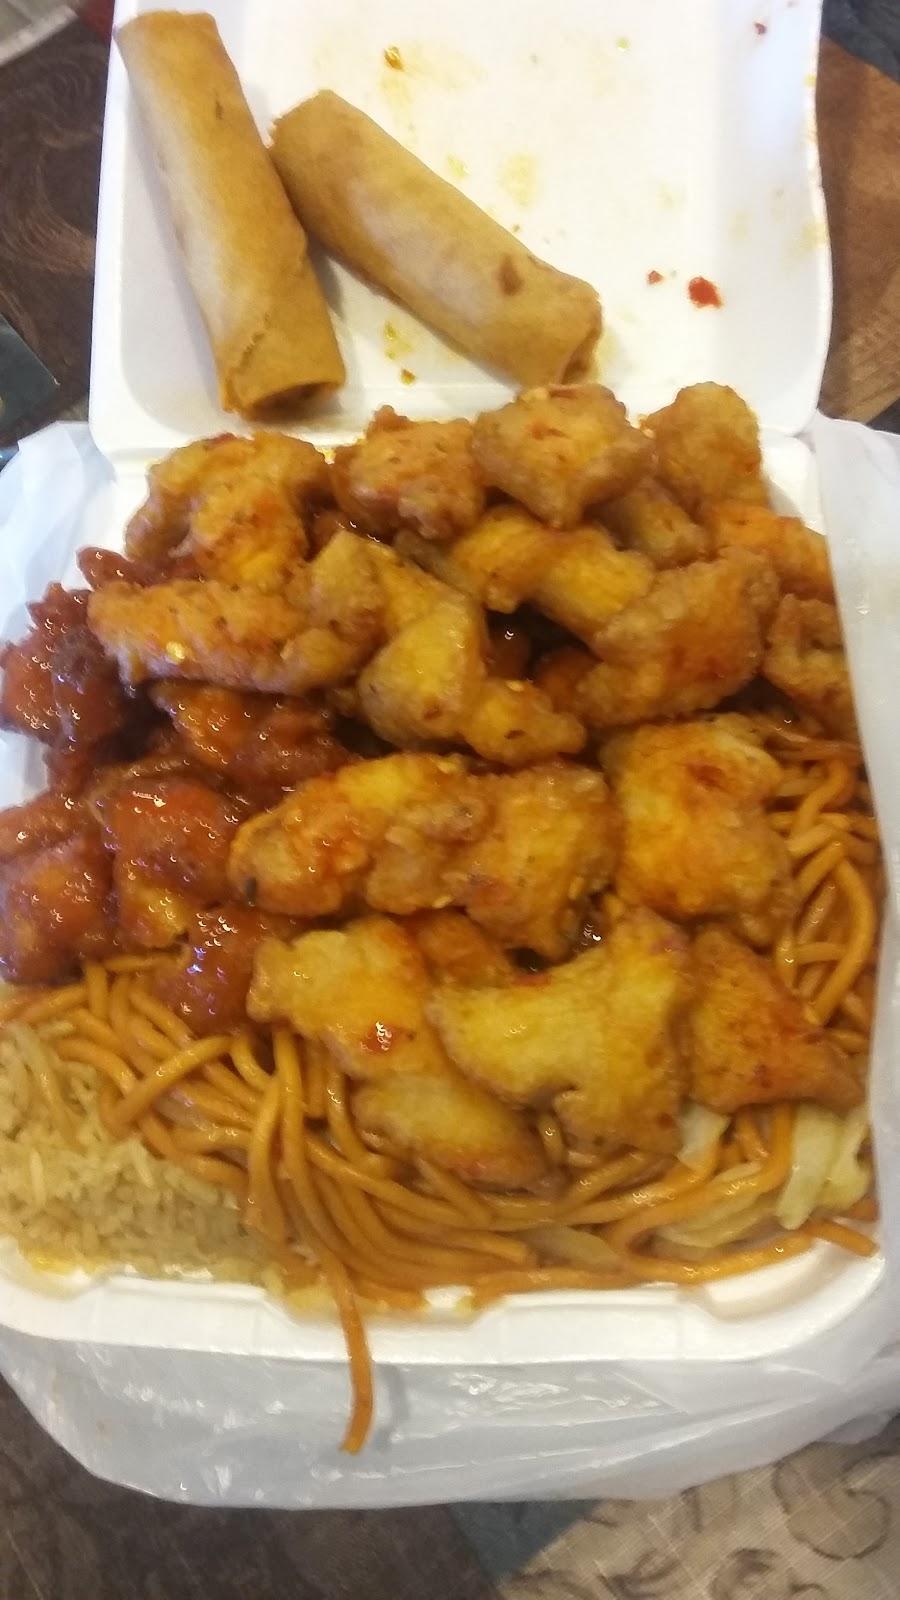 C & T Kitchen - restaurant  | Photo 3 of 4 | Address: 2020 N Grand Ave #108, Santa Ana, CA 92705, USA | Phone: (714) 835-2828